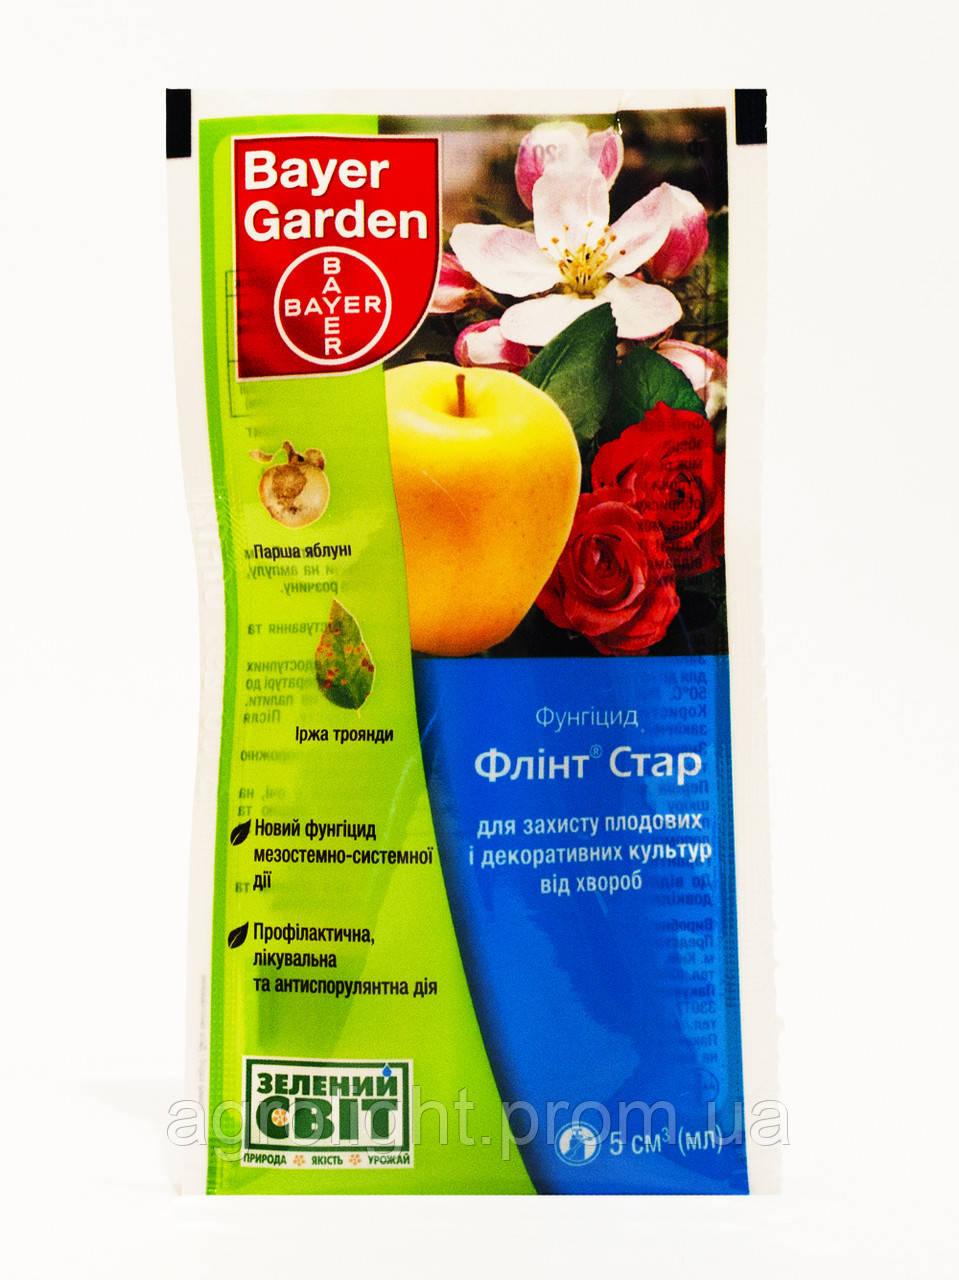 Купить Флинт-стар 5 мл, от болезней розы, яблони